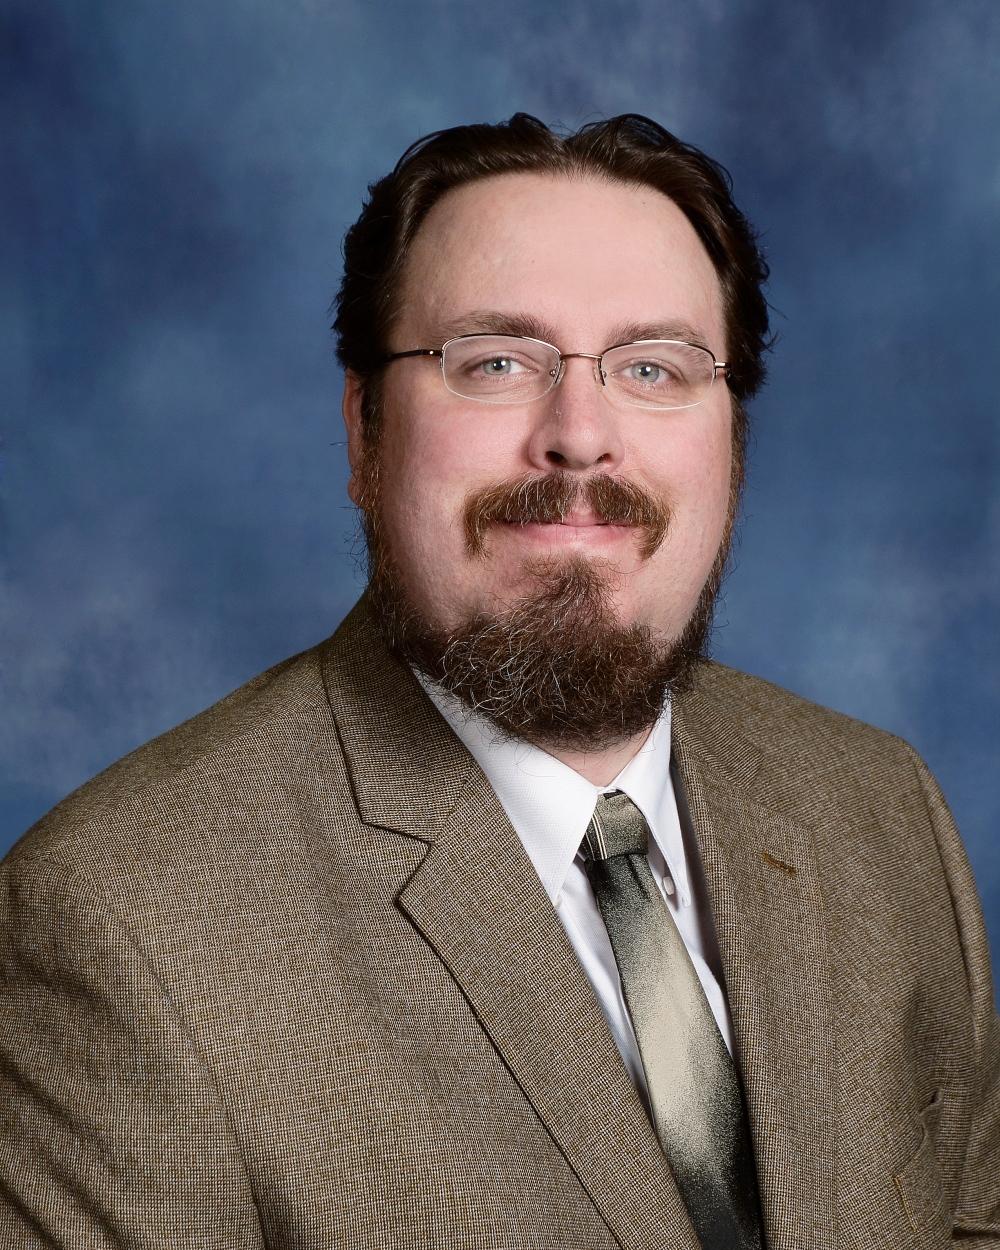 Iowa Conference: Benjamin Carter-Allen